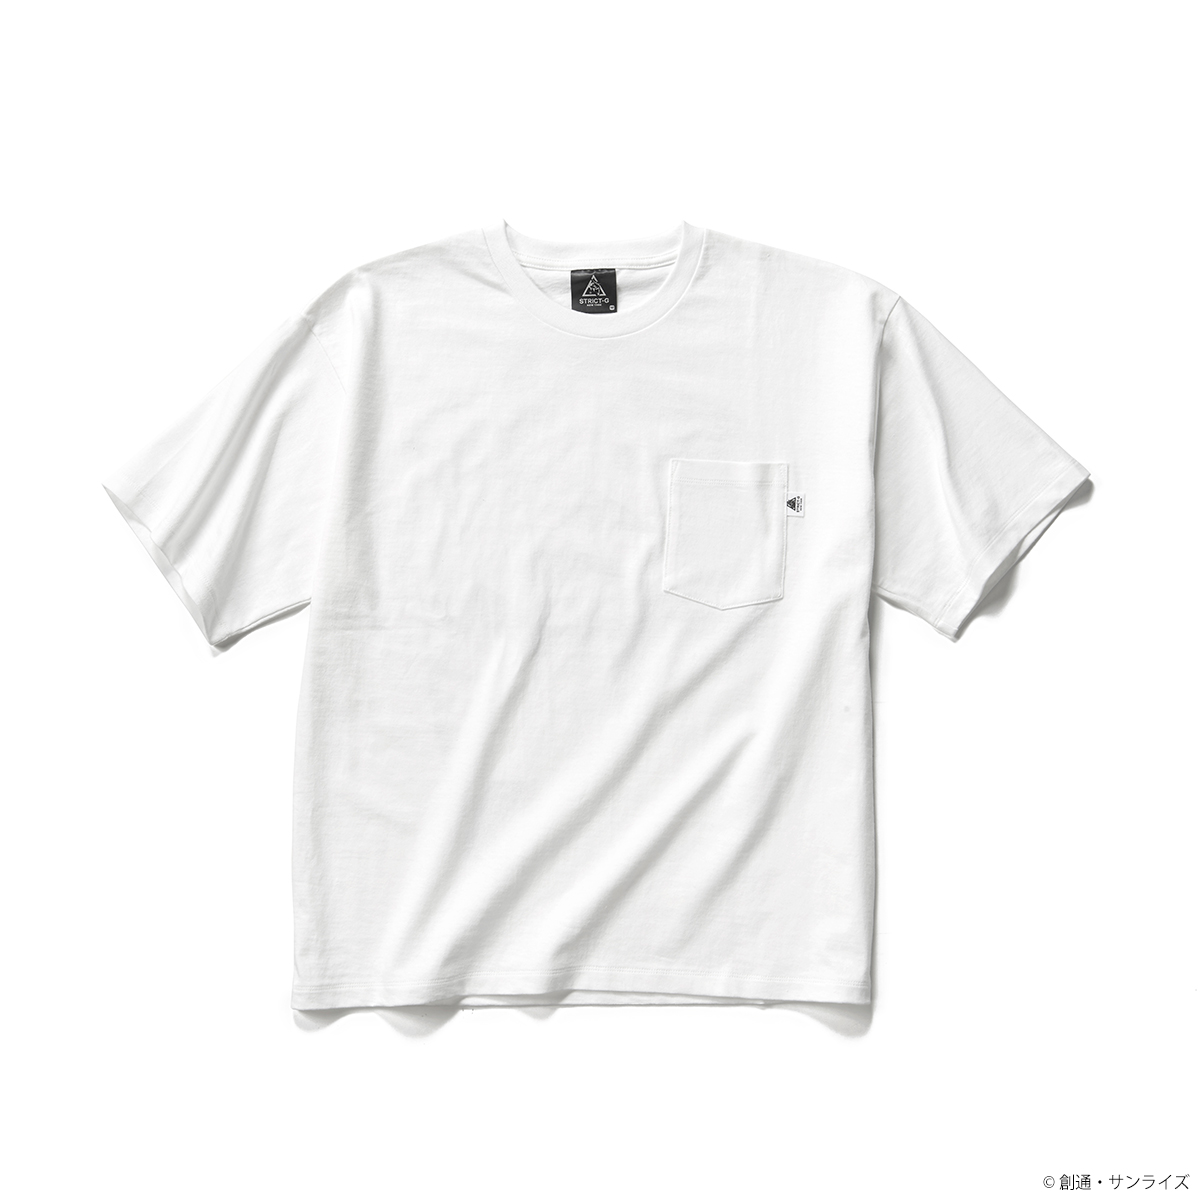 「STRICT-G NEW YARK」ポケット付きビッグTシャツ